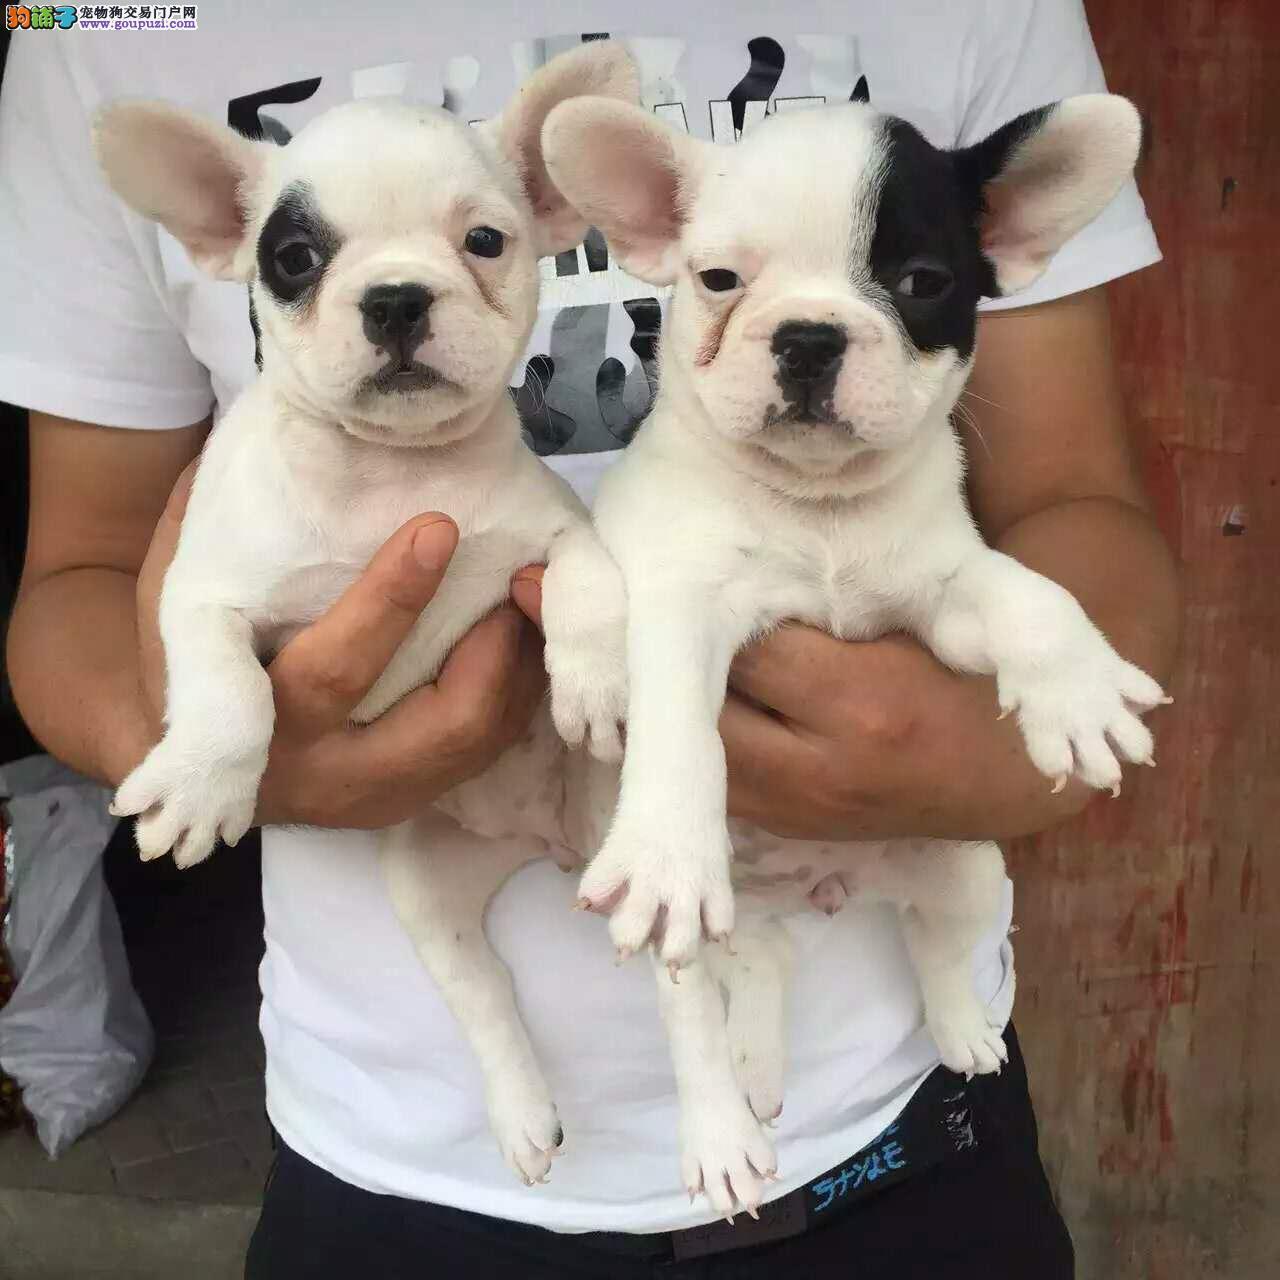 福州出售法国斗牛犬幼犬品质好有保障可直接视频挑选